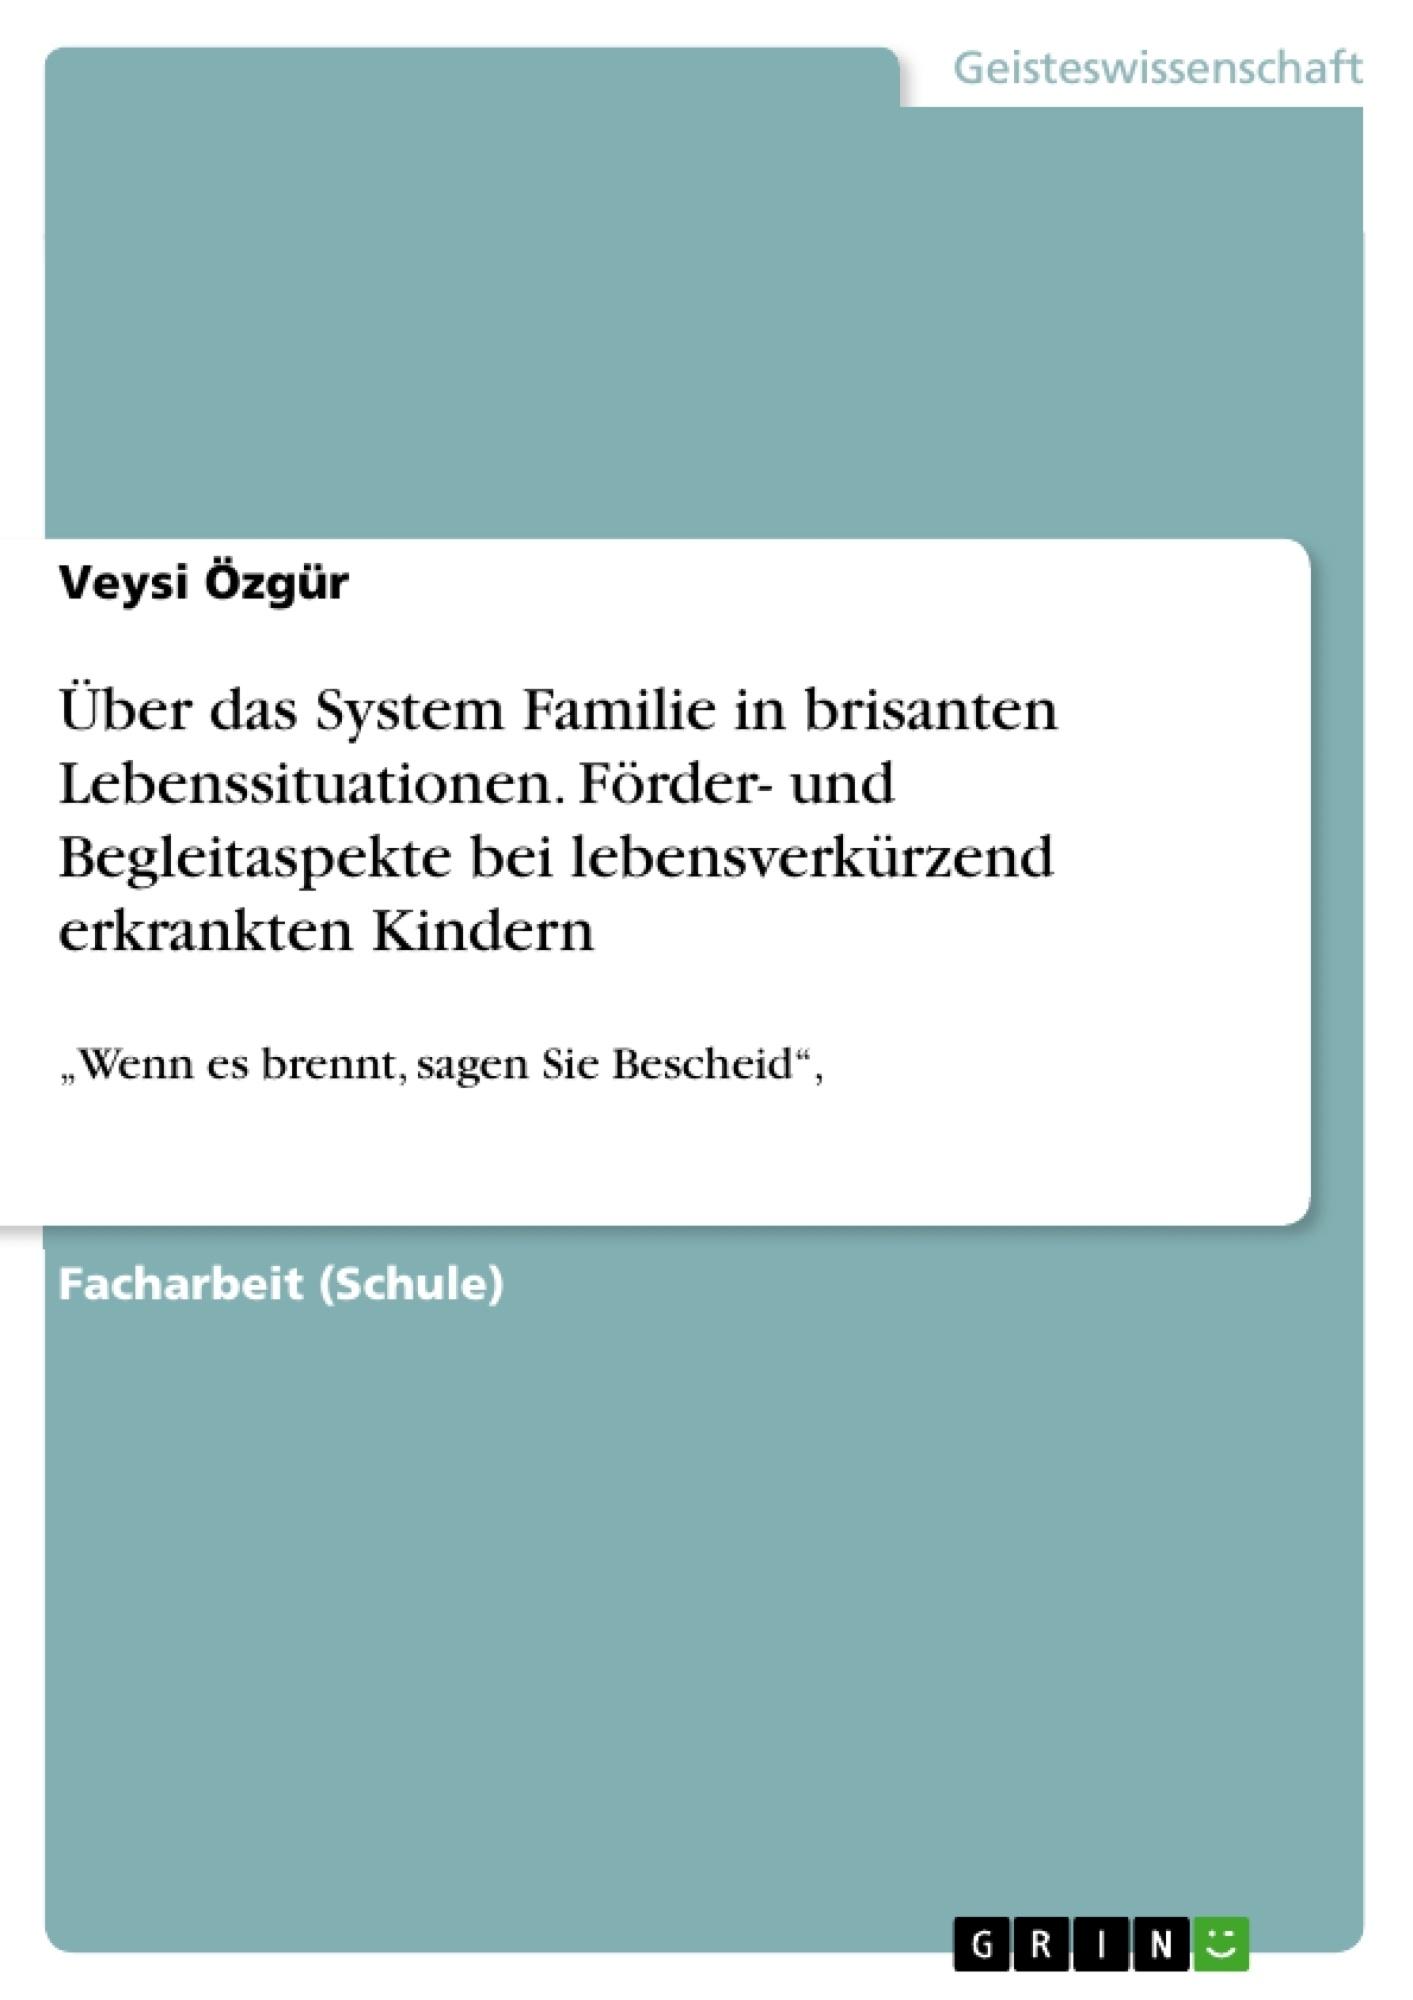 Titel: Über das System Familie in brisanten Lebenssituationen. Förder- und Begleitaspekte bei lebensverkürzend erkrankten Kindern